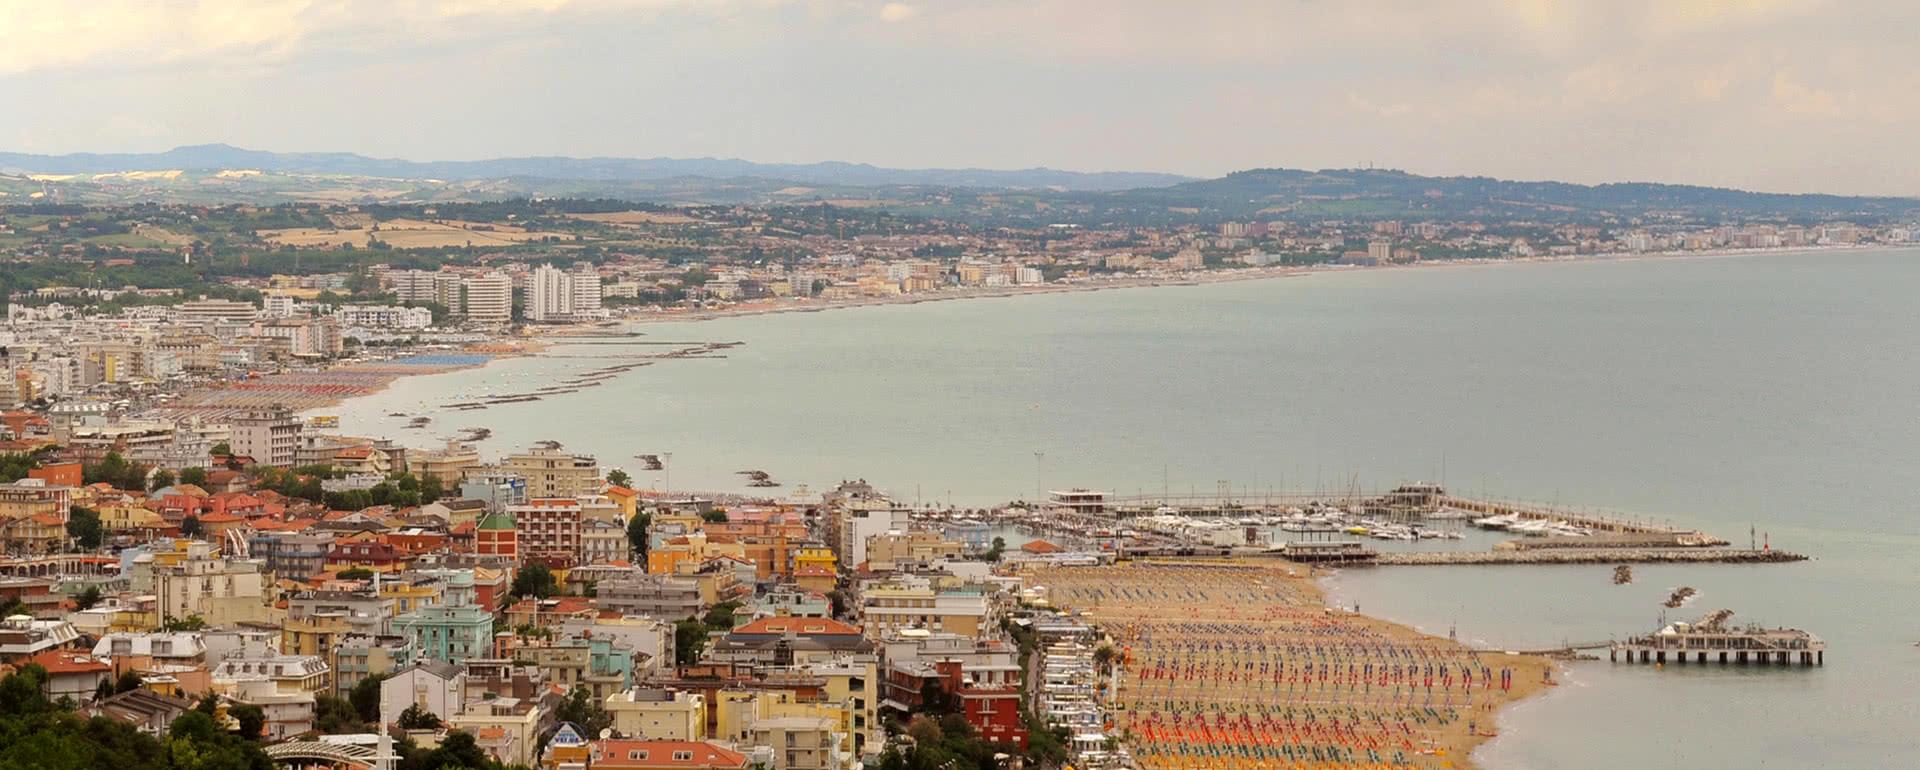 Titelbild von Misano Adriatico